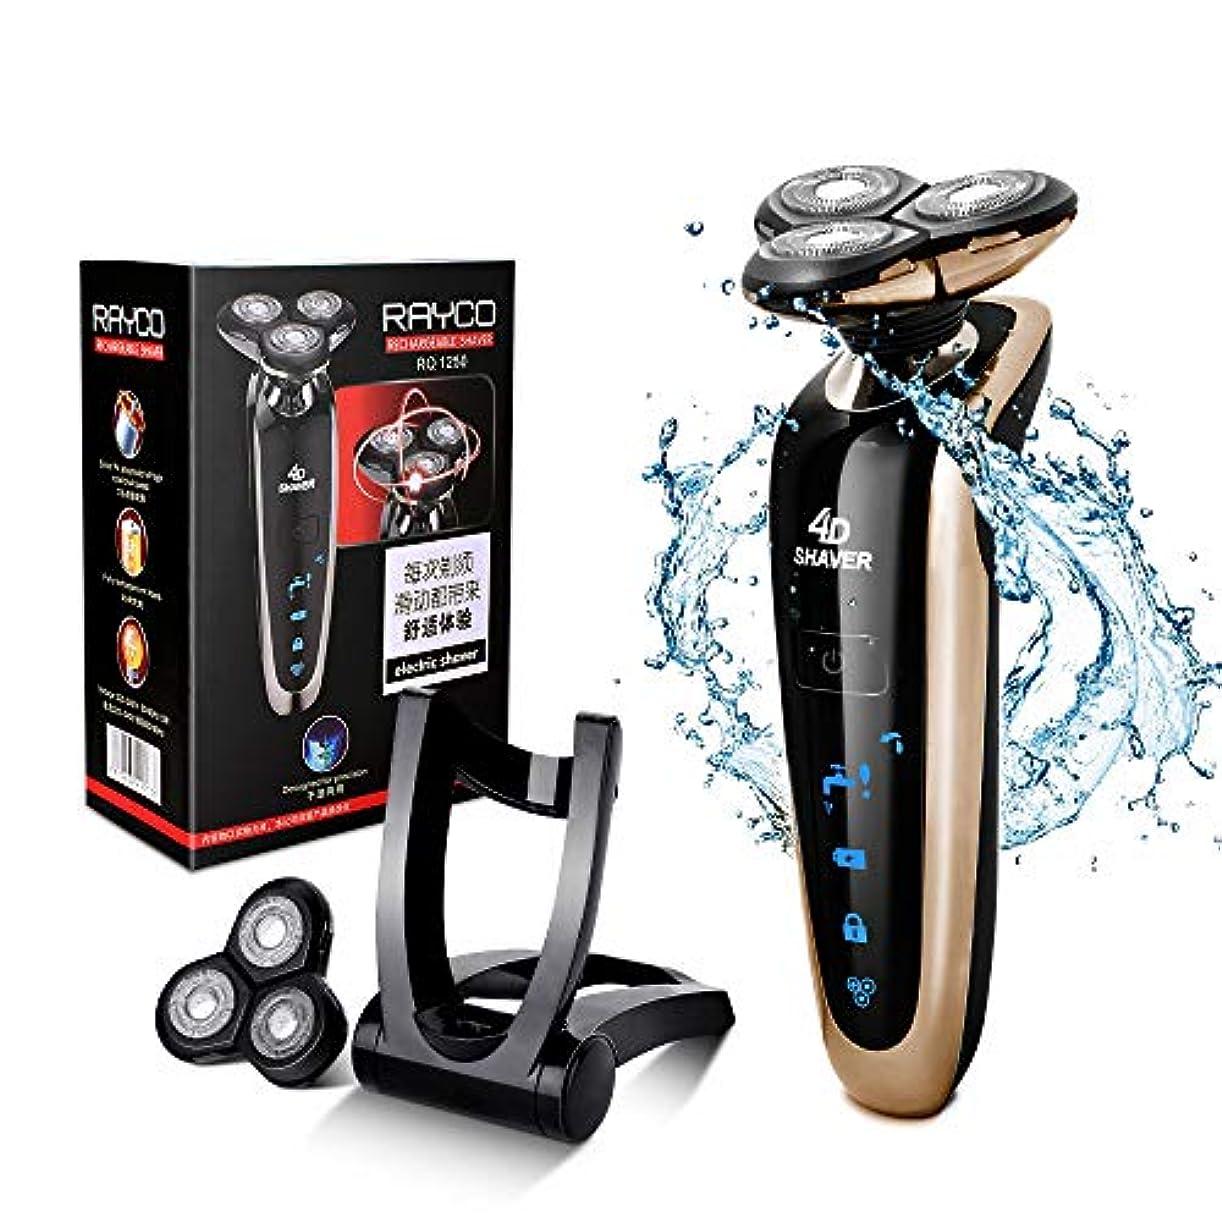 仕様ホステスブレースひげそり 電動 メンズシェーバー CenBlueストア 3枚刃 お風呂剃り 乾湿両用 USB充電式 (1×スペア刃頭)